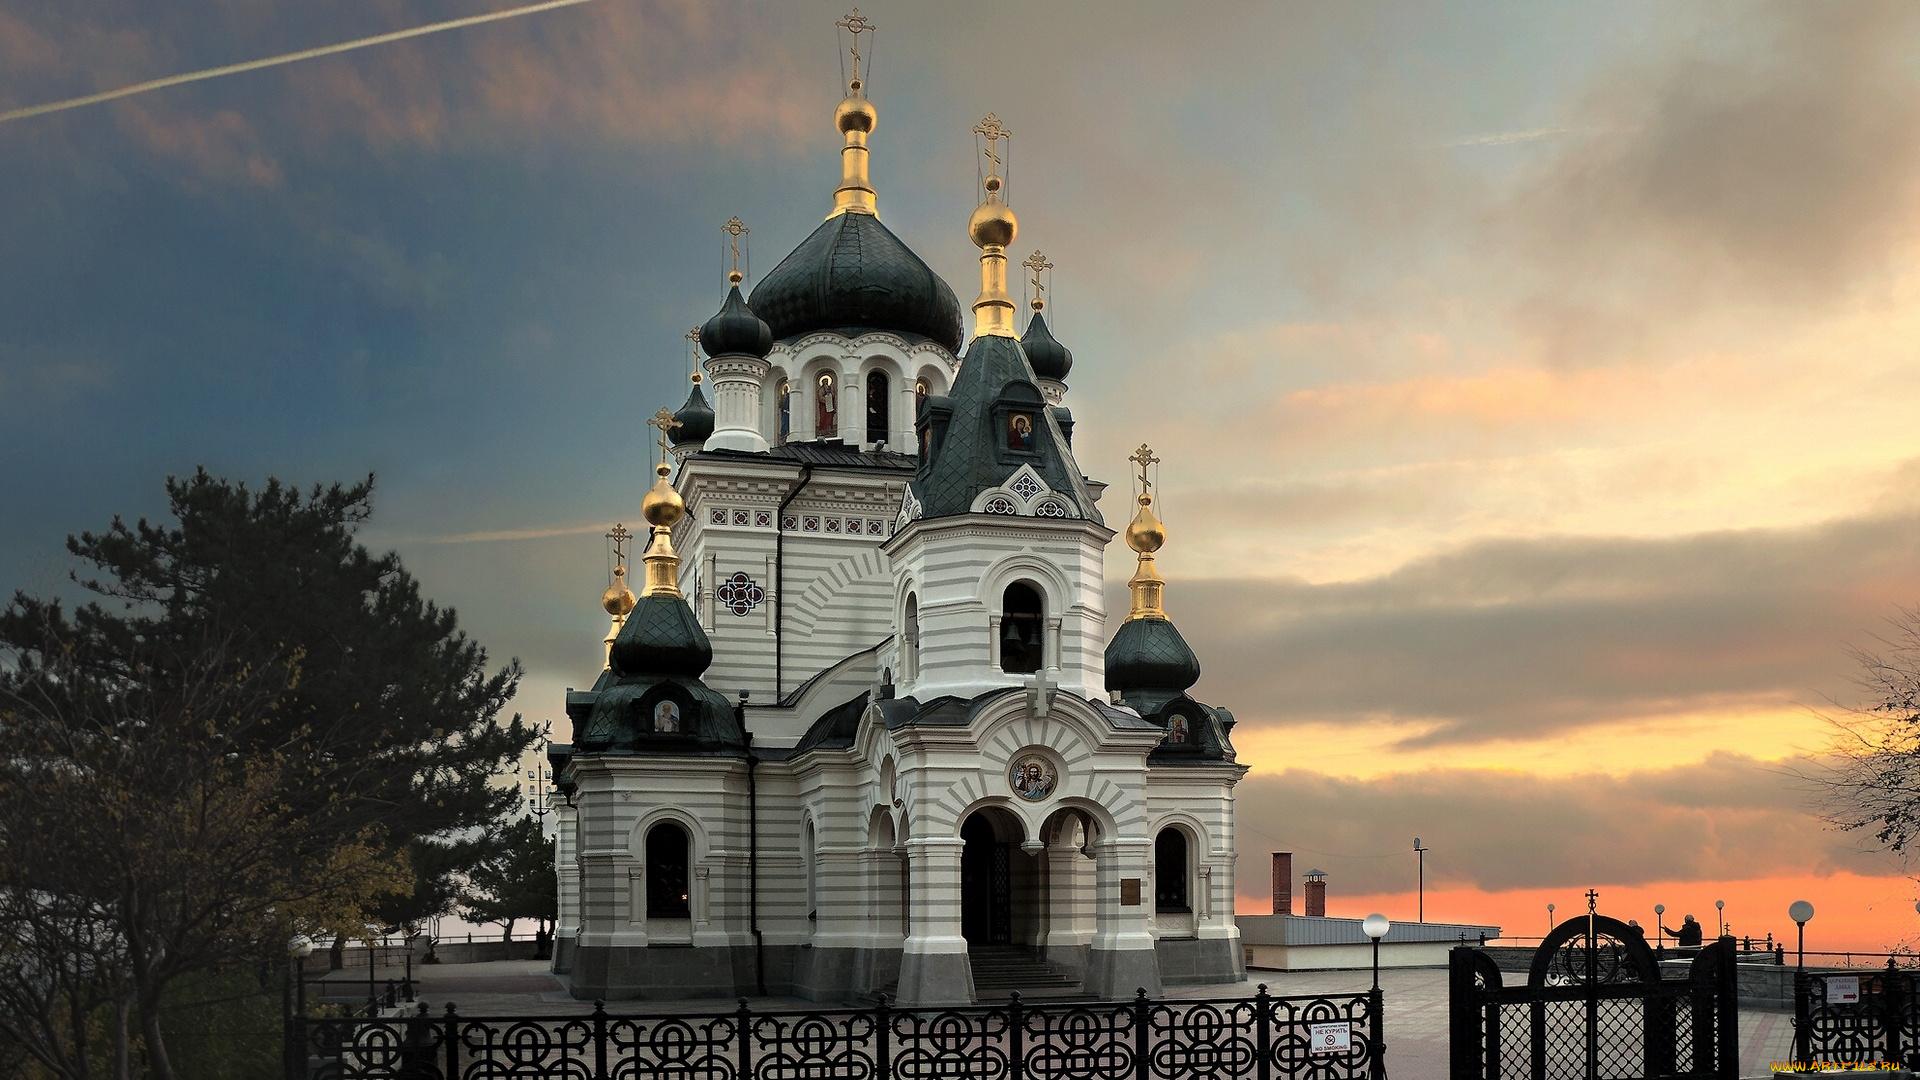 Обои для рабочего стола храмы скачать бесплатно российские храмы